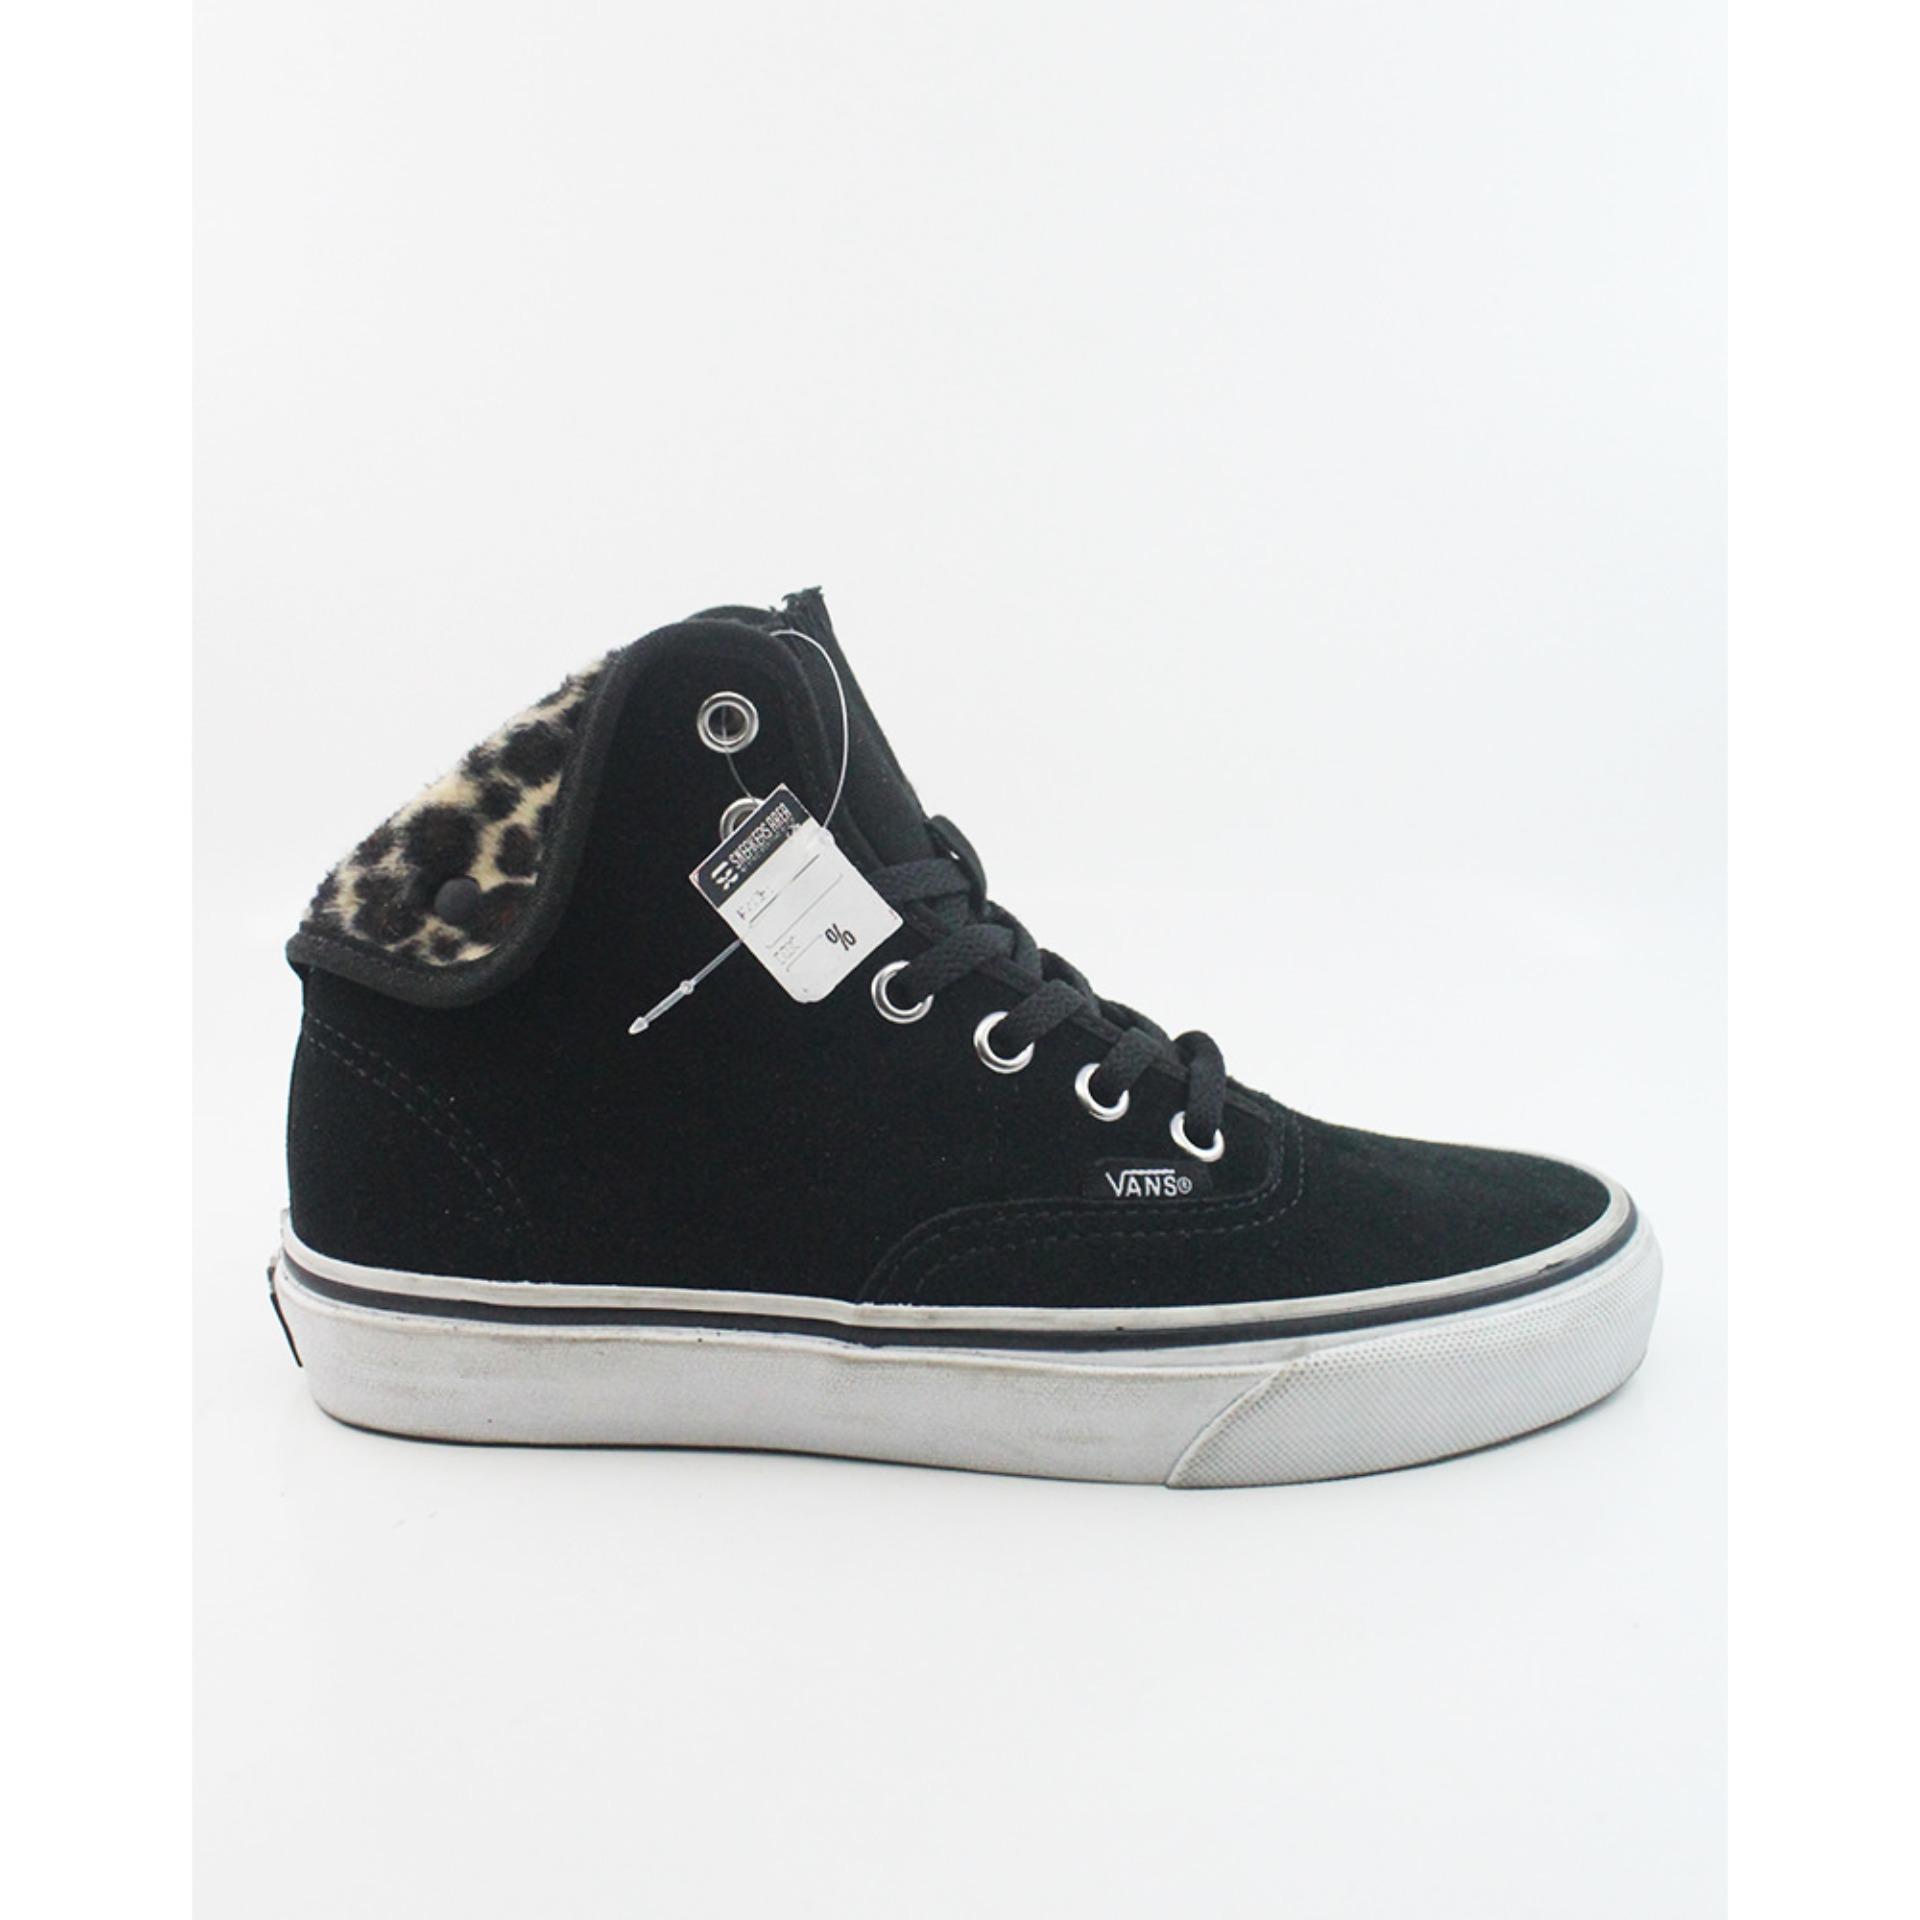 Vans Authentic HI 2 Furry Leopard Sepatu Sneakers Wanita